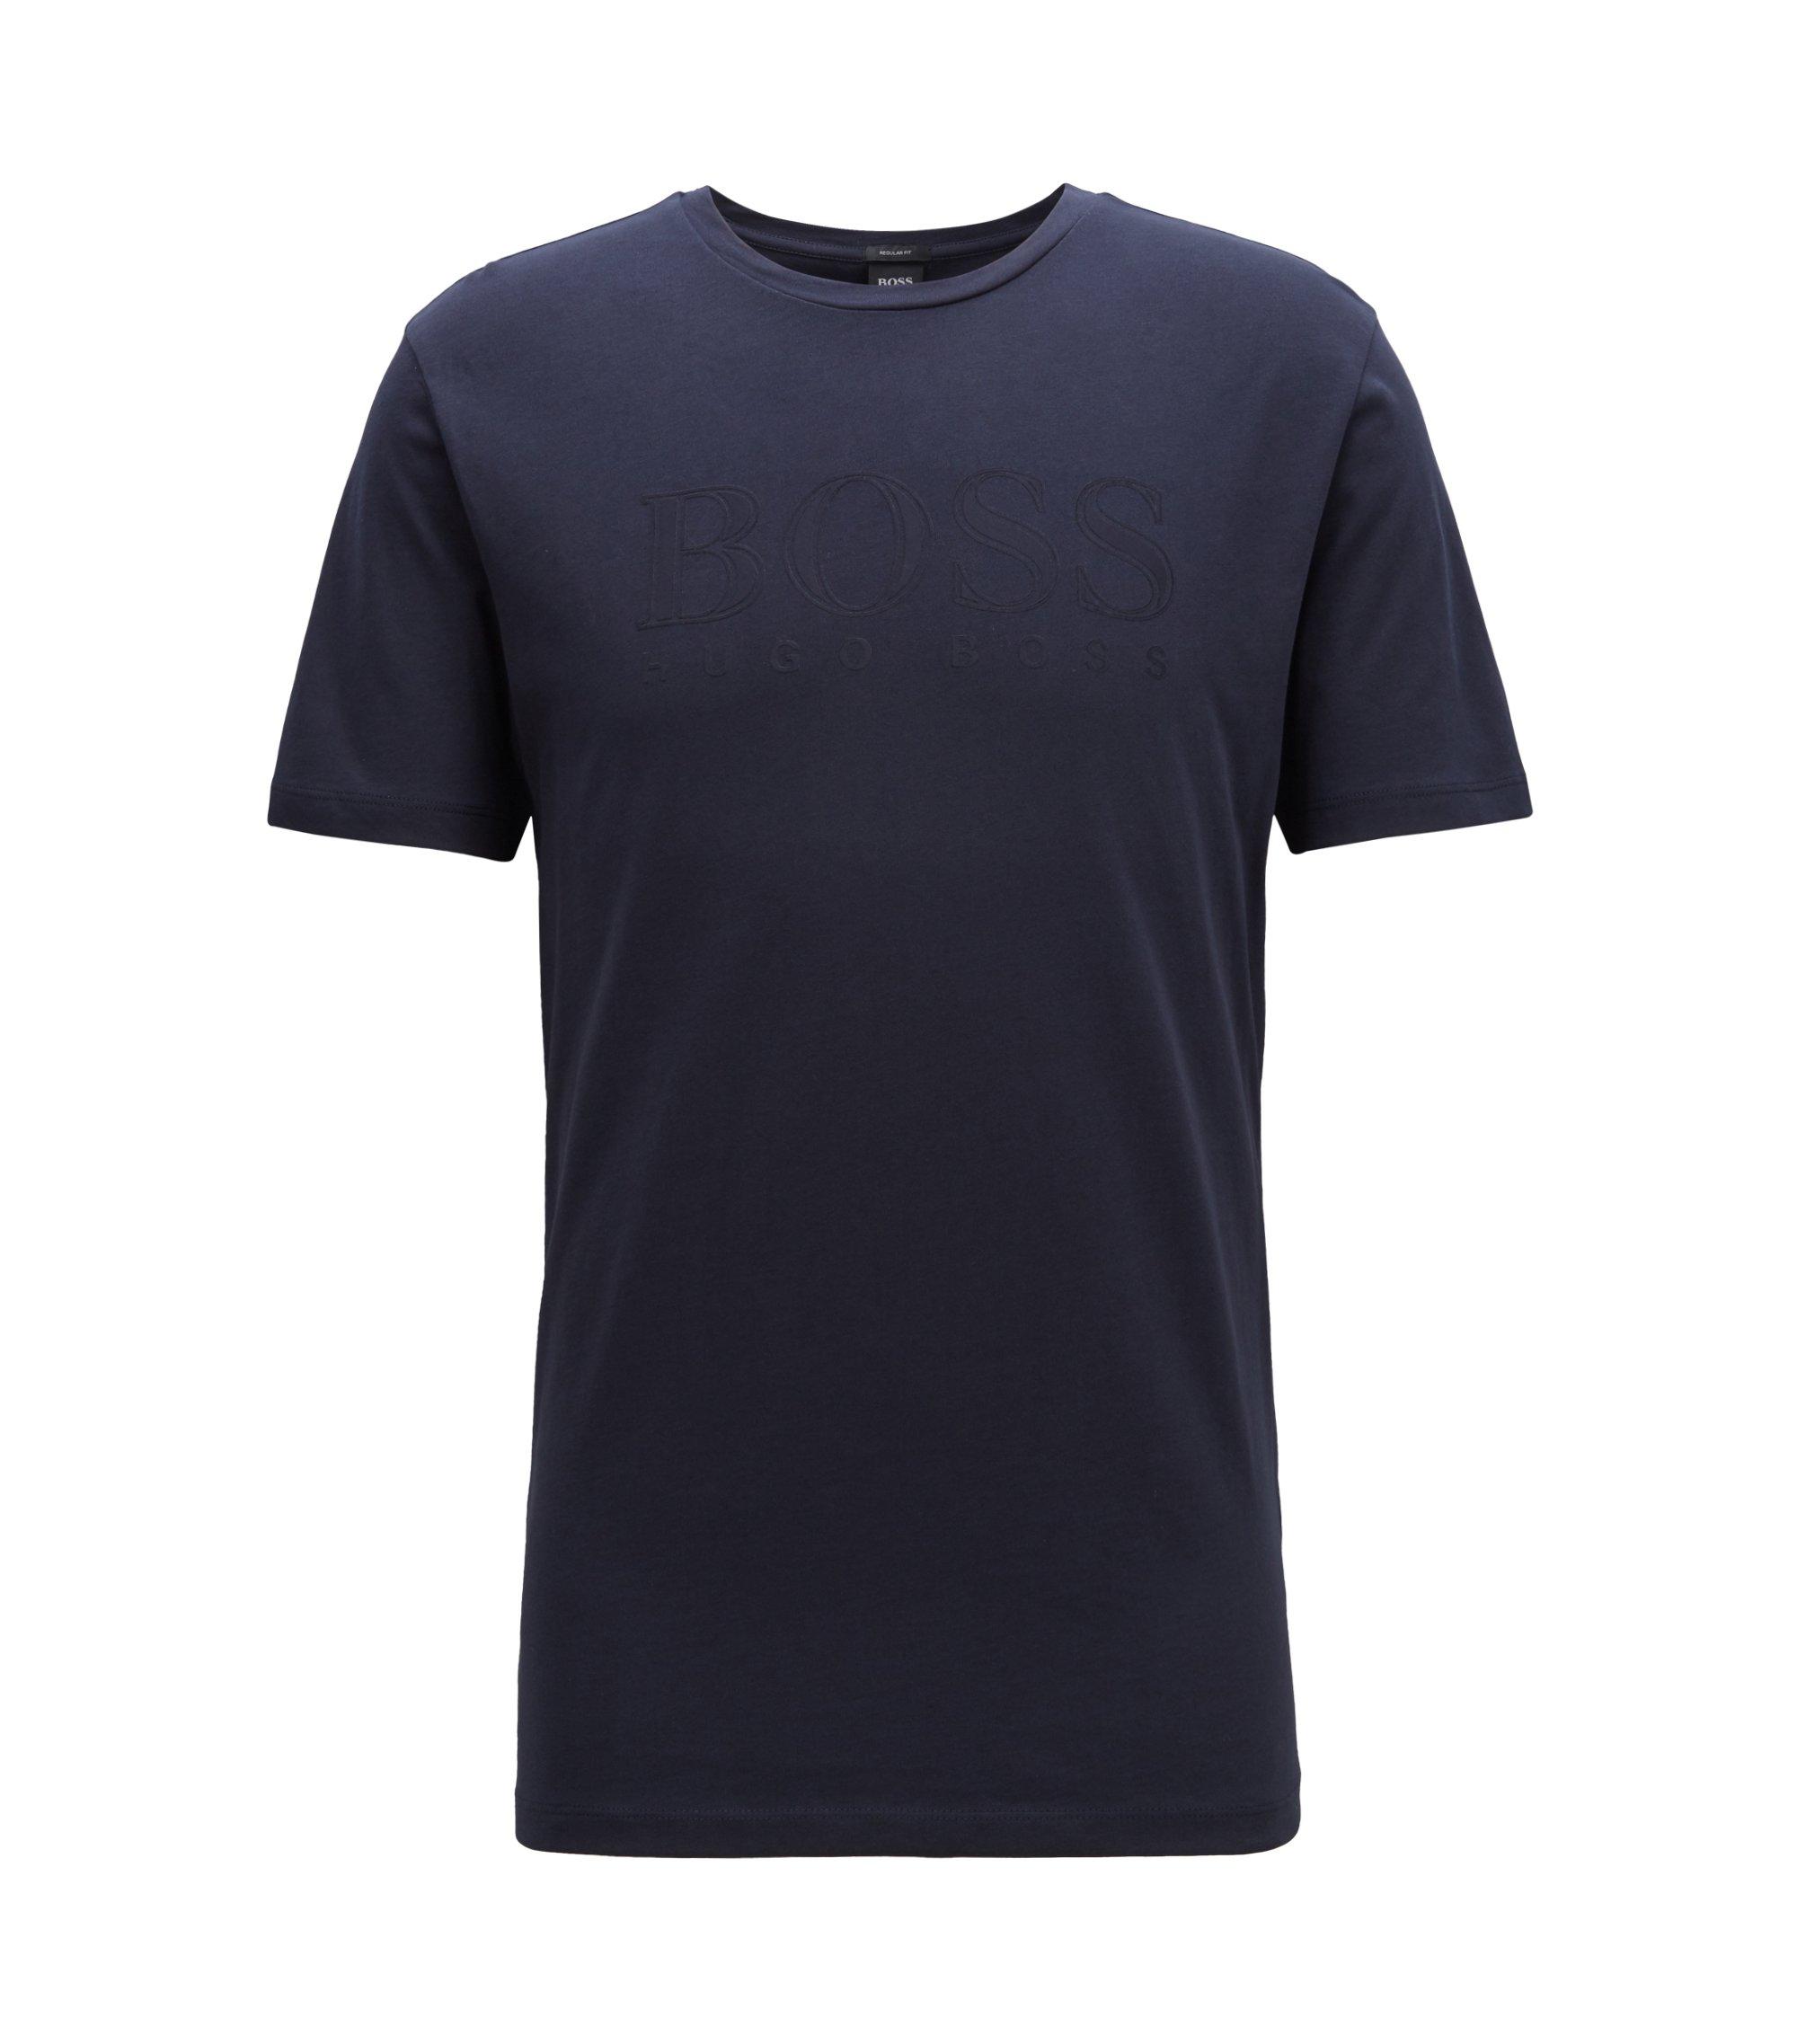 T-shirt regular fit in cotone con logo tridimensionale, Blu scuro